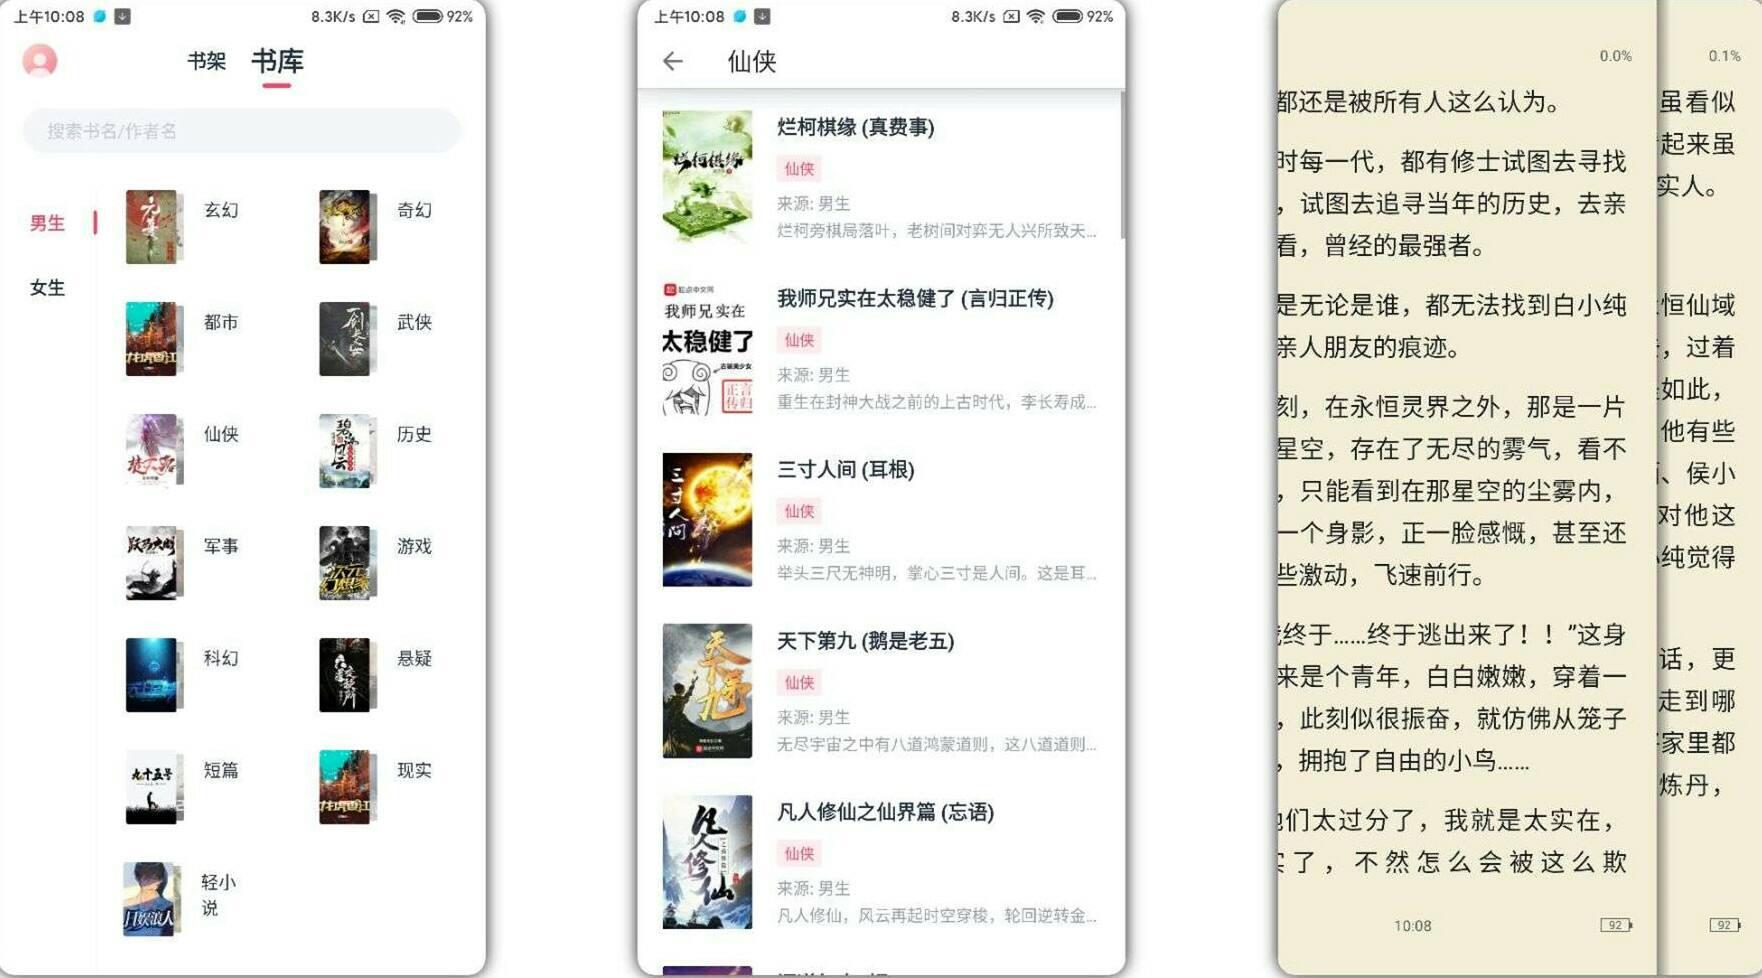 「荔枝阅读」1.1.3去广告纯净版_更舒服精彩的小说世界-第1张图片-小冰资源网